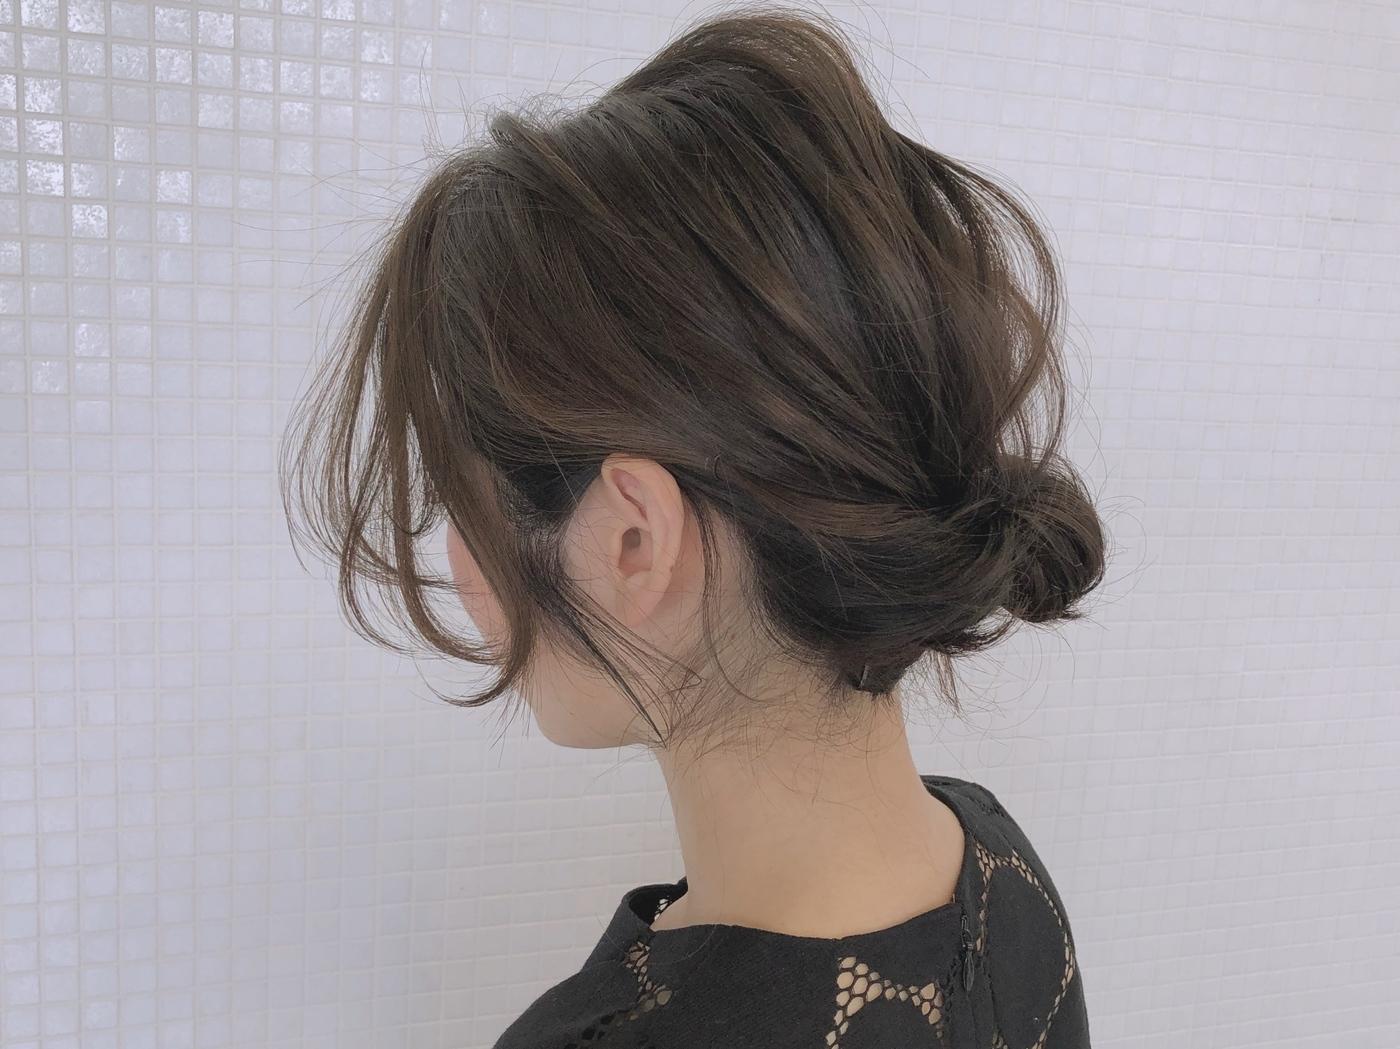 30代ショートアレンジヘア【結婚式】トップをだしたギブソンタックがおすすめ!